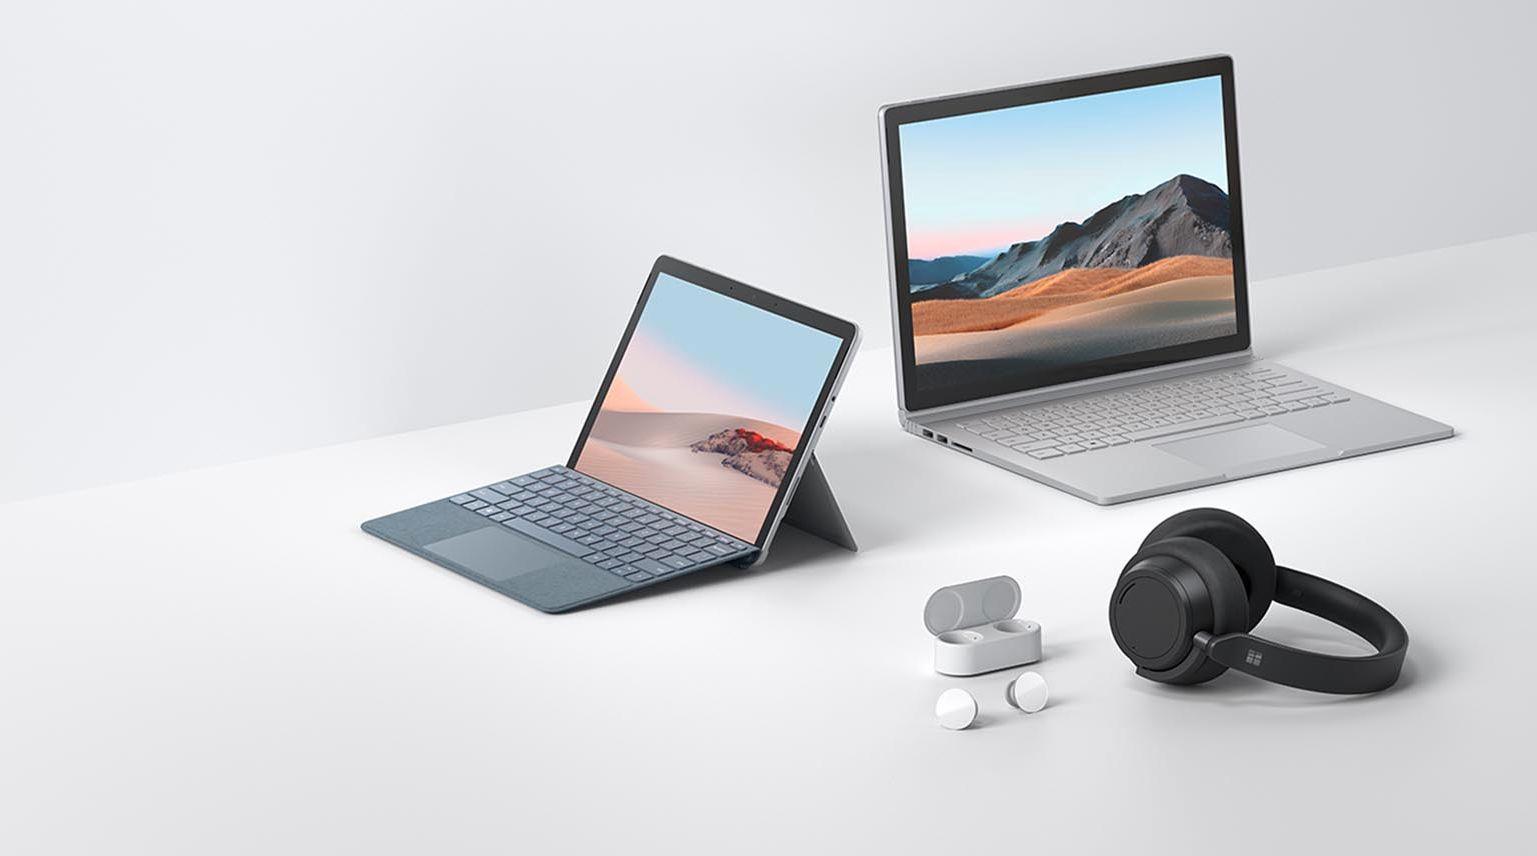 Microsoft lanserer ny Surface Go, ny Surface Book, Surface Headphones 2 og Surface Earbuds. Og alle kommer til Norge.